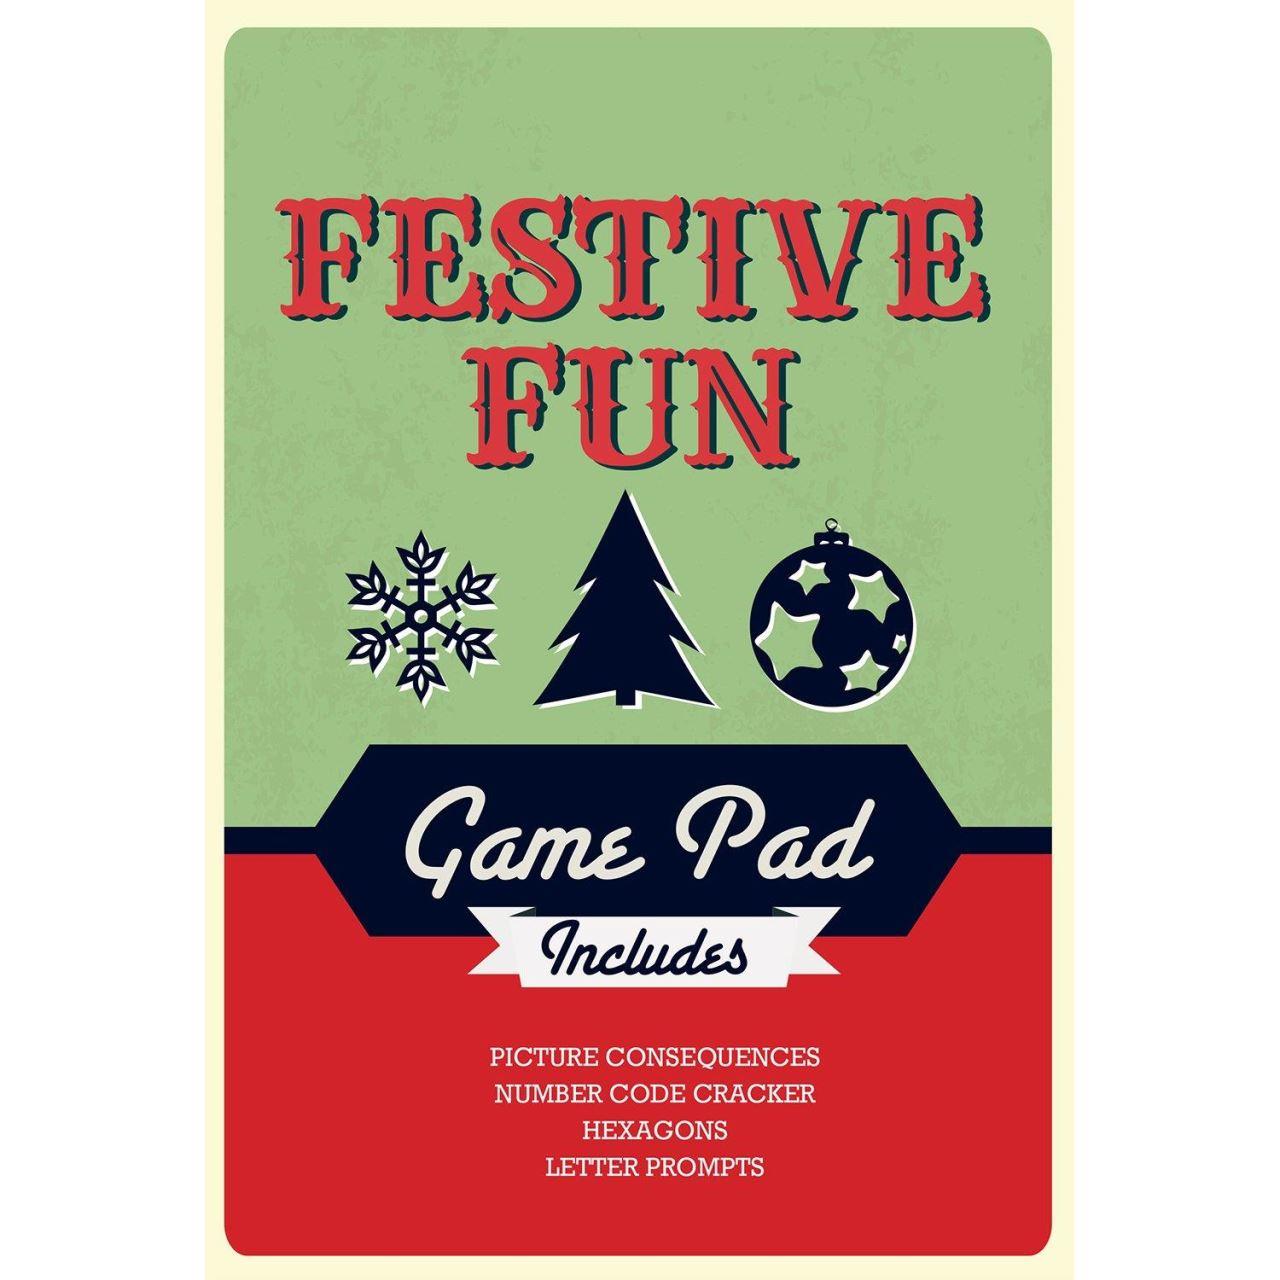 Festive Fun Game Pad imagine